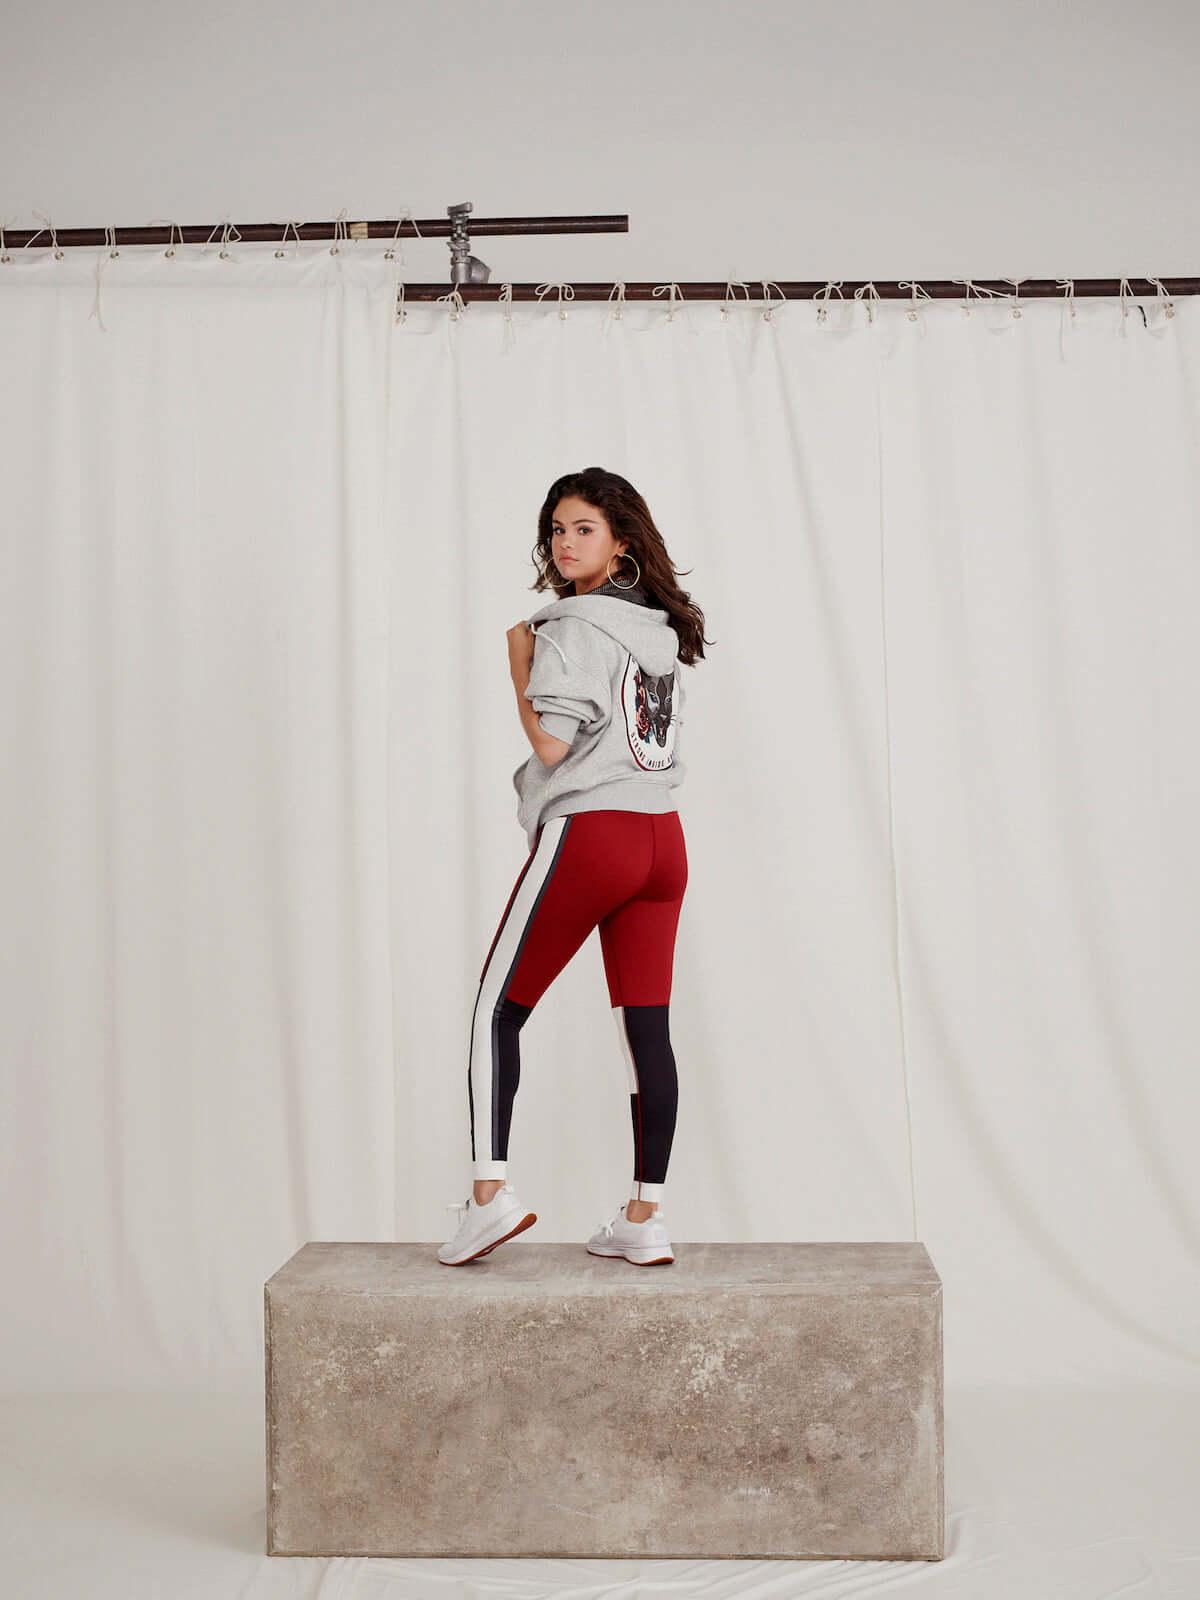 プーマ×セレーナ・ゴメス 80・90年代LAのバイブス感じられるSG Runnerなどが登場! fashion181130_puma_8-1200x1600